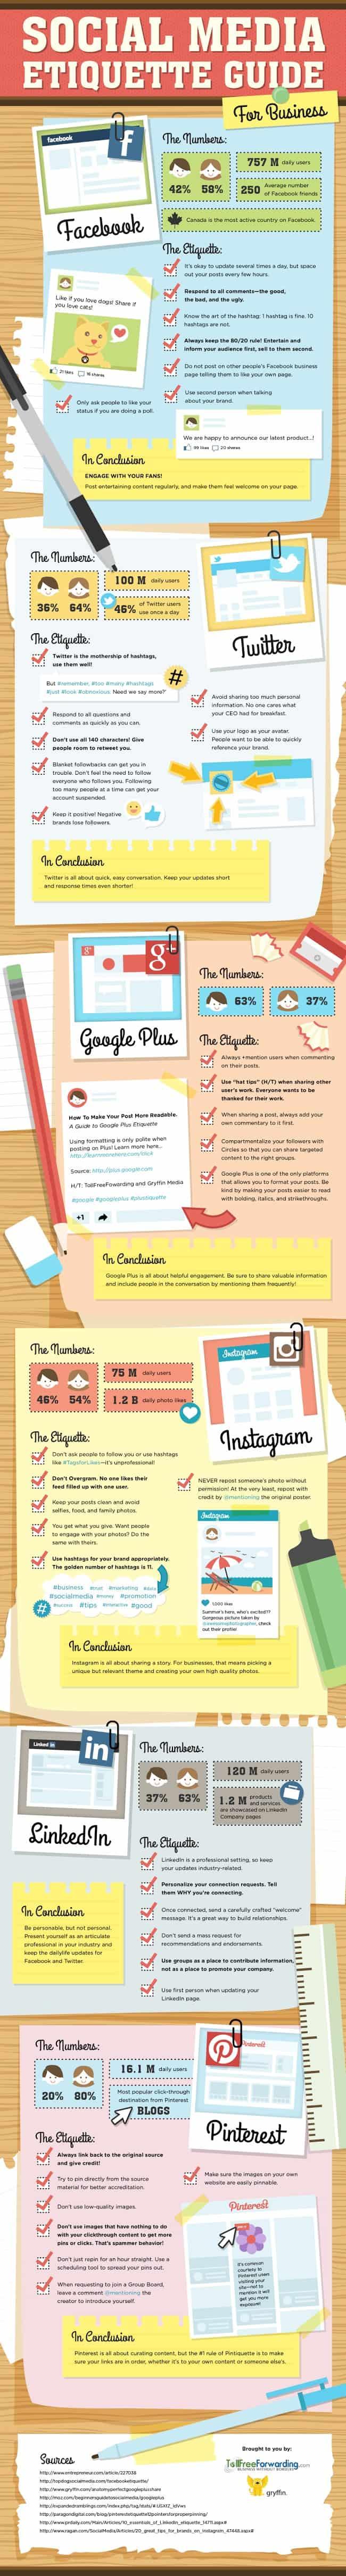 Social-Media-Etiquette-Guide-for-business